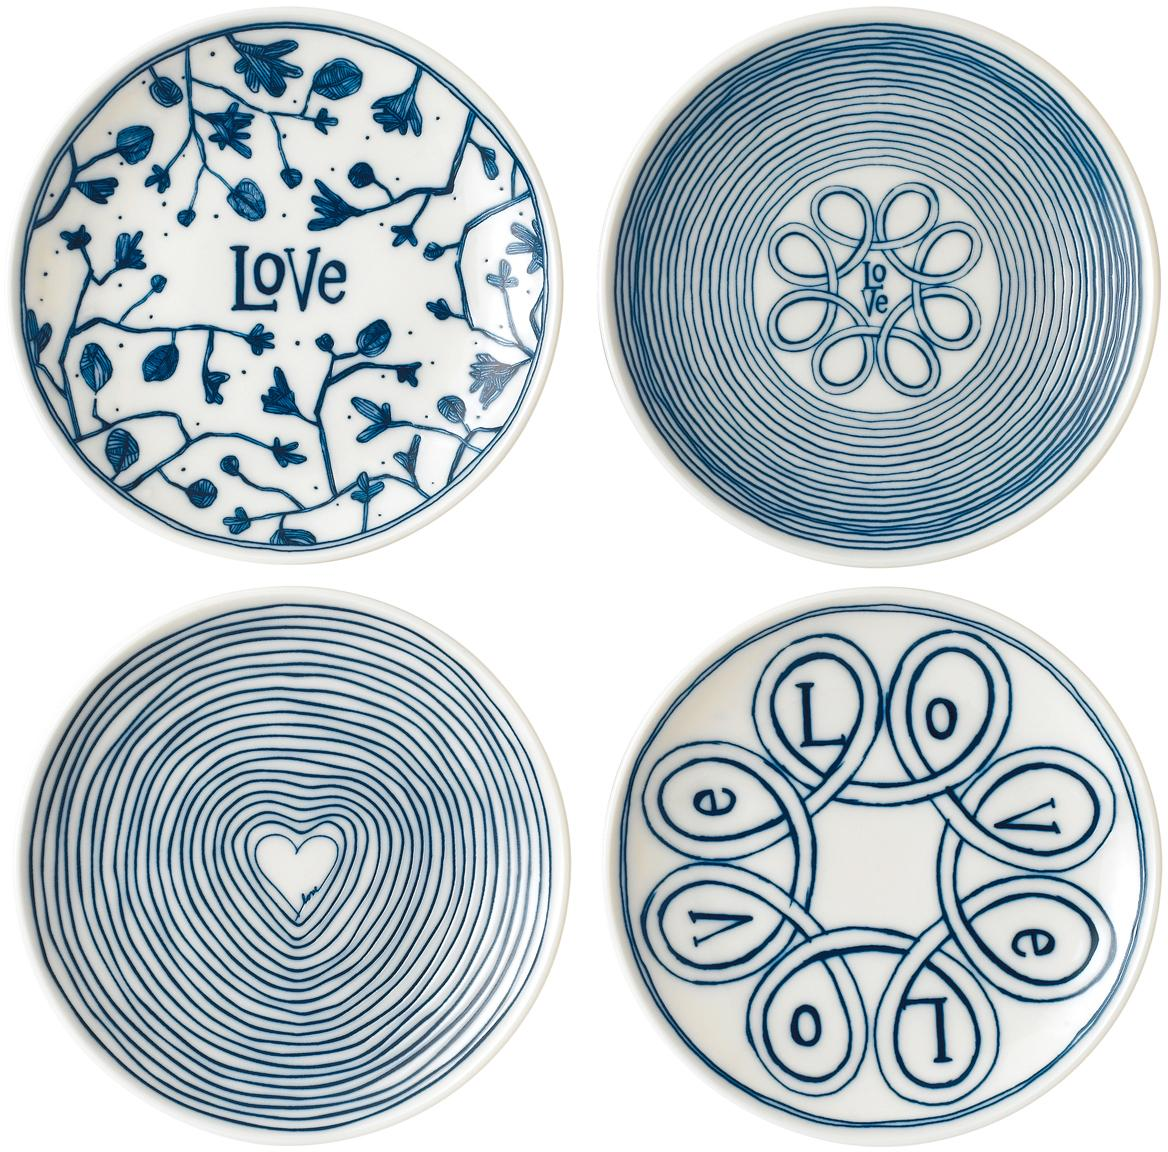 Ontbijtbordenset Love in wit/blauw met patroon, 4-delig, Porselein, Ivoorkleurig, kobaltblauw, Ø 16 cm